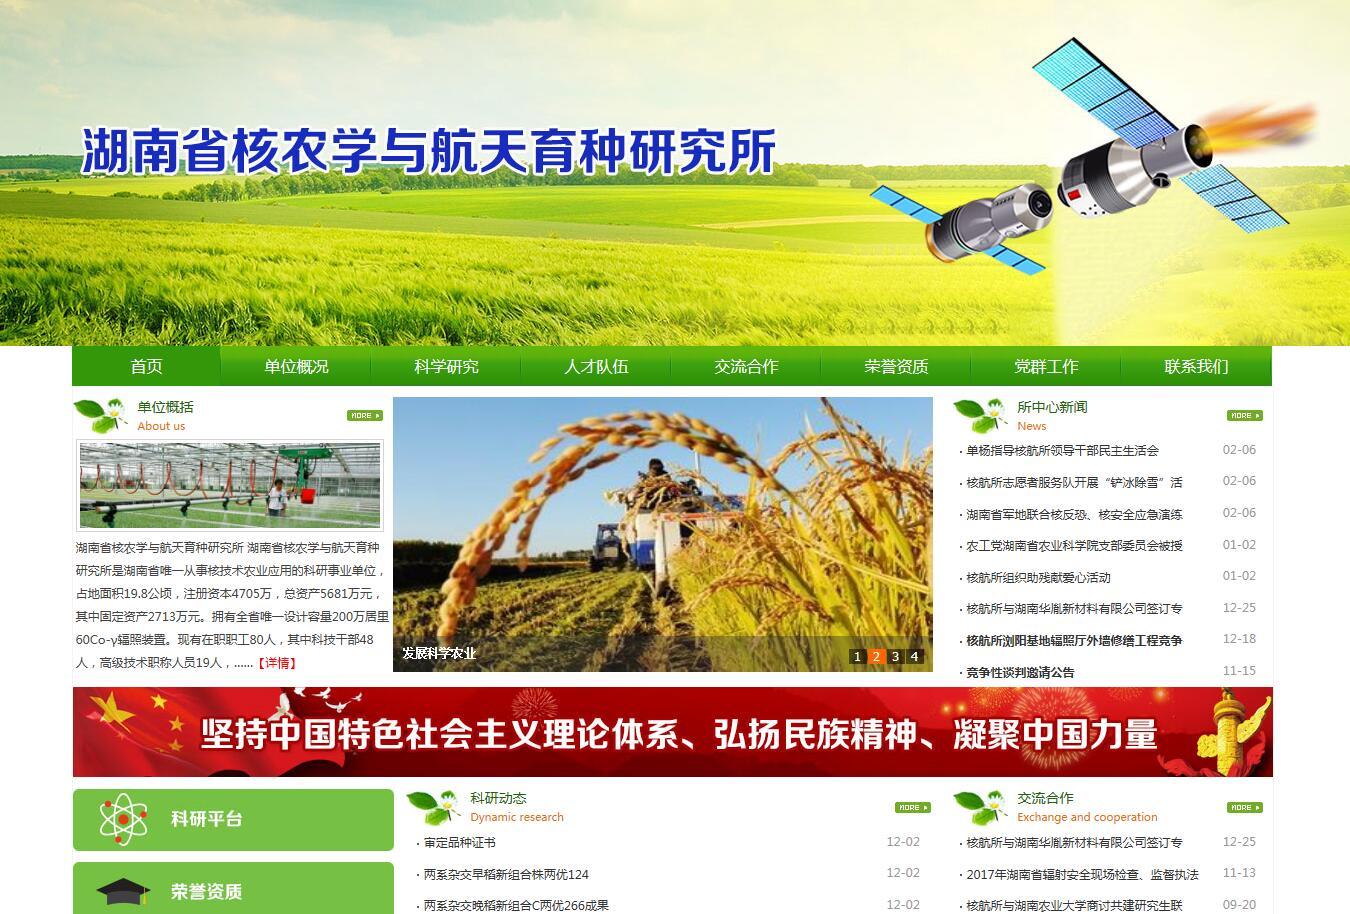 湖南省核农学与航天育种研究所